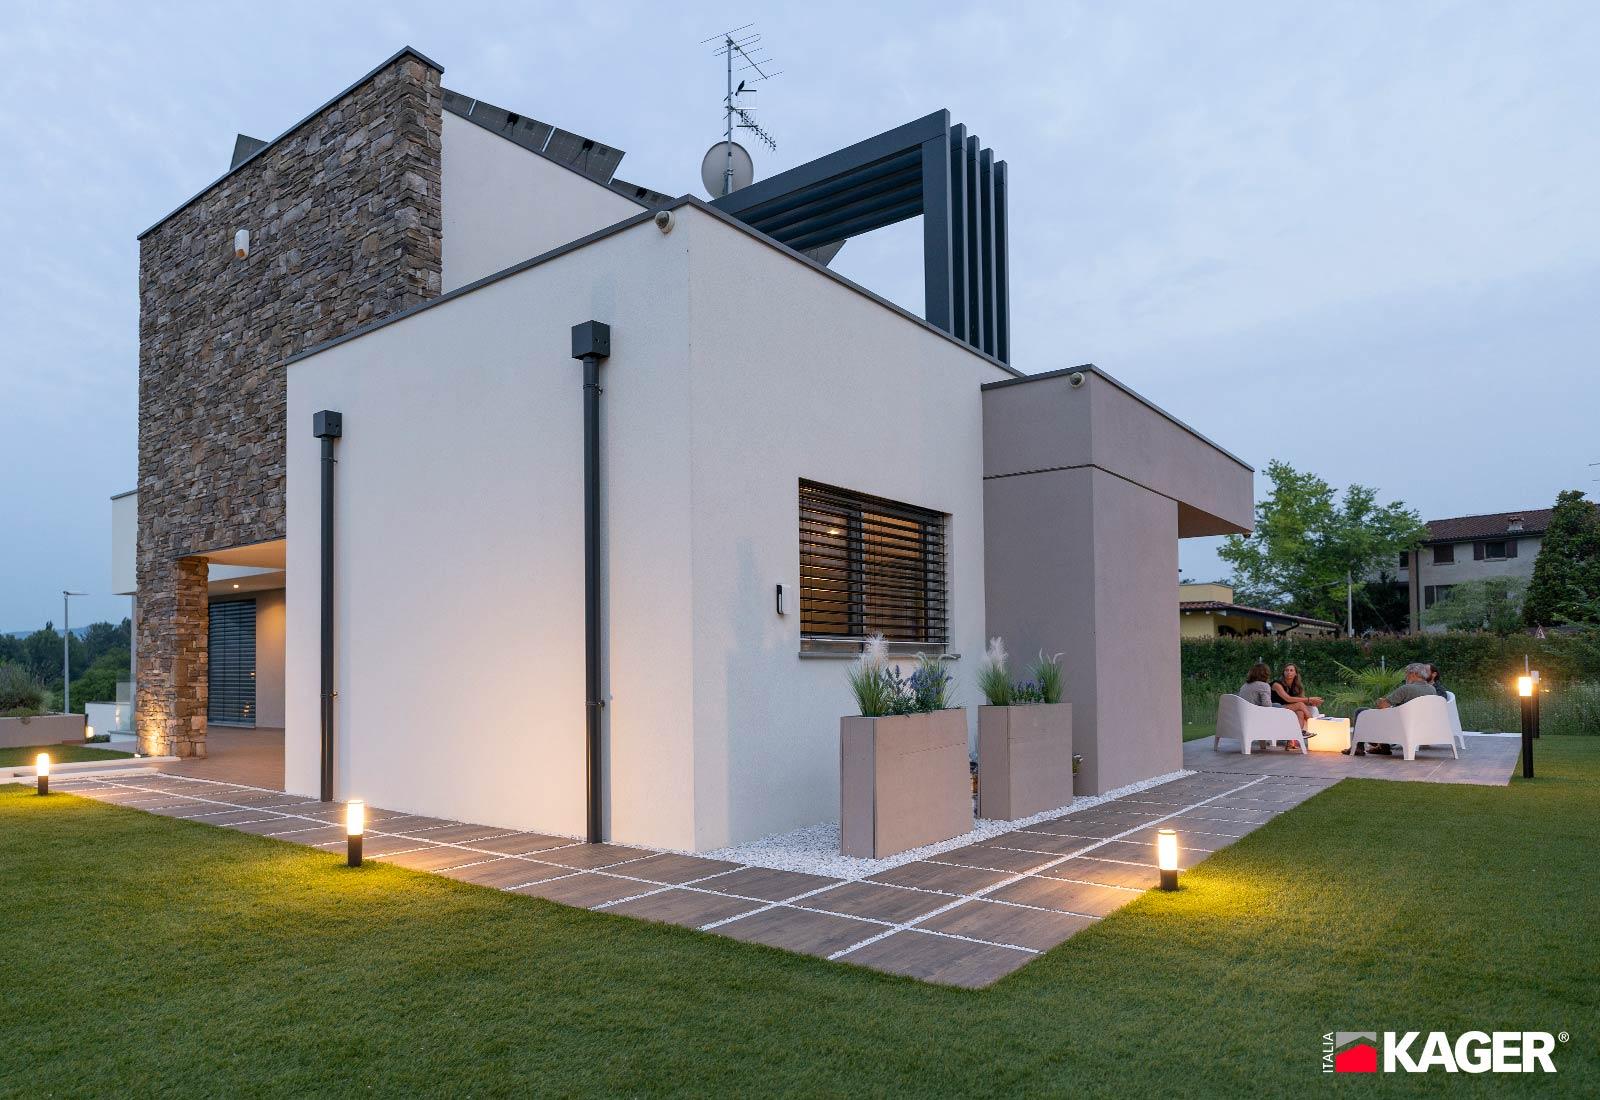 Casa-in-legno-Reggio-Emilia-Kager-Italia-07